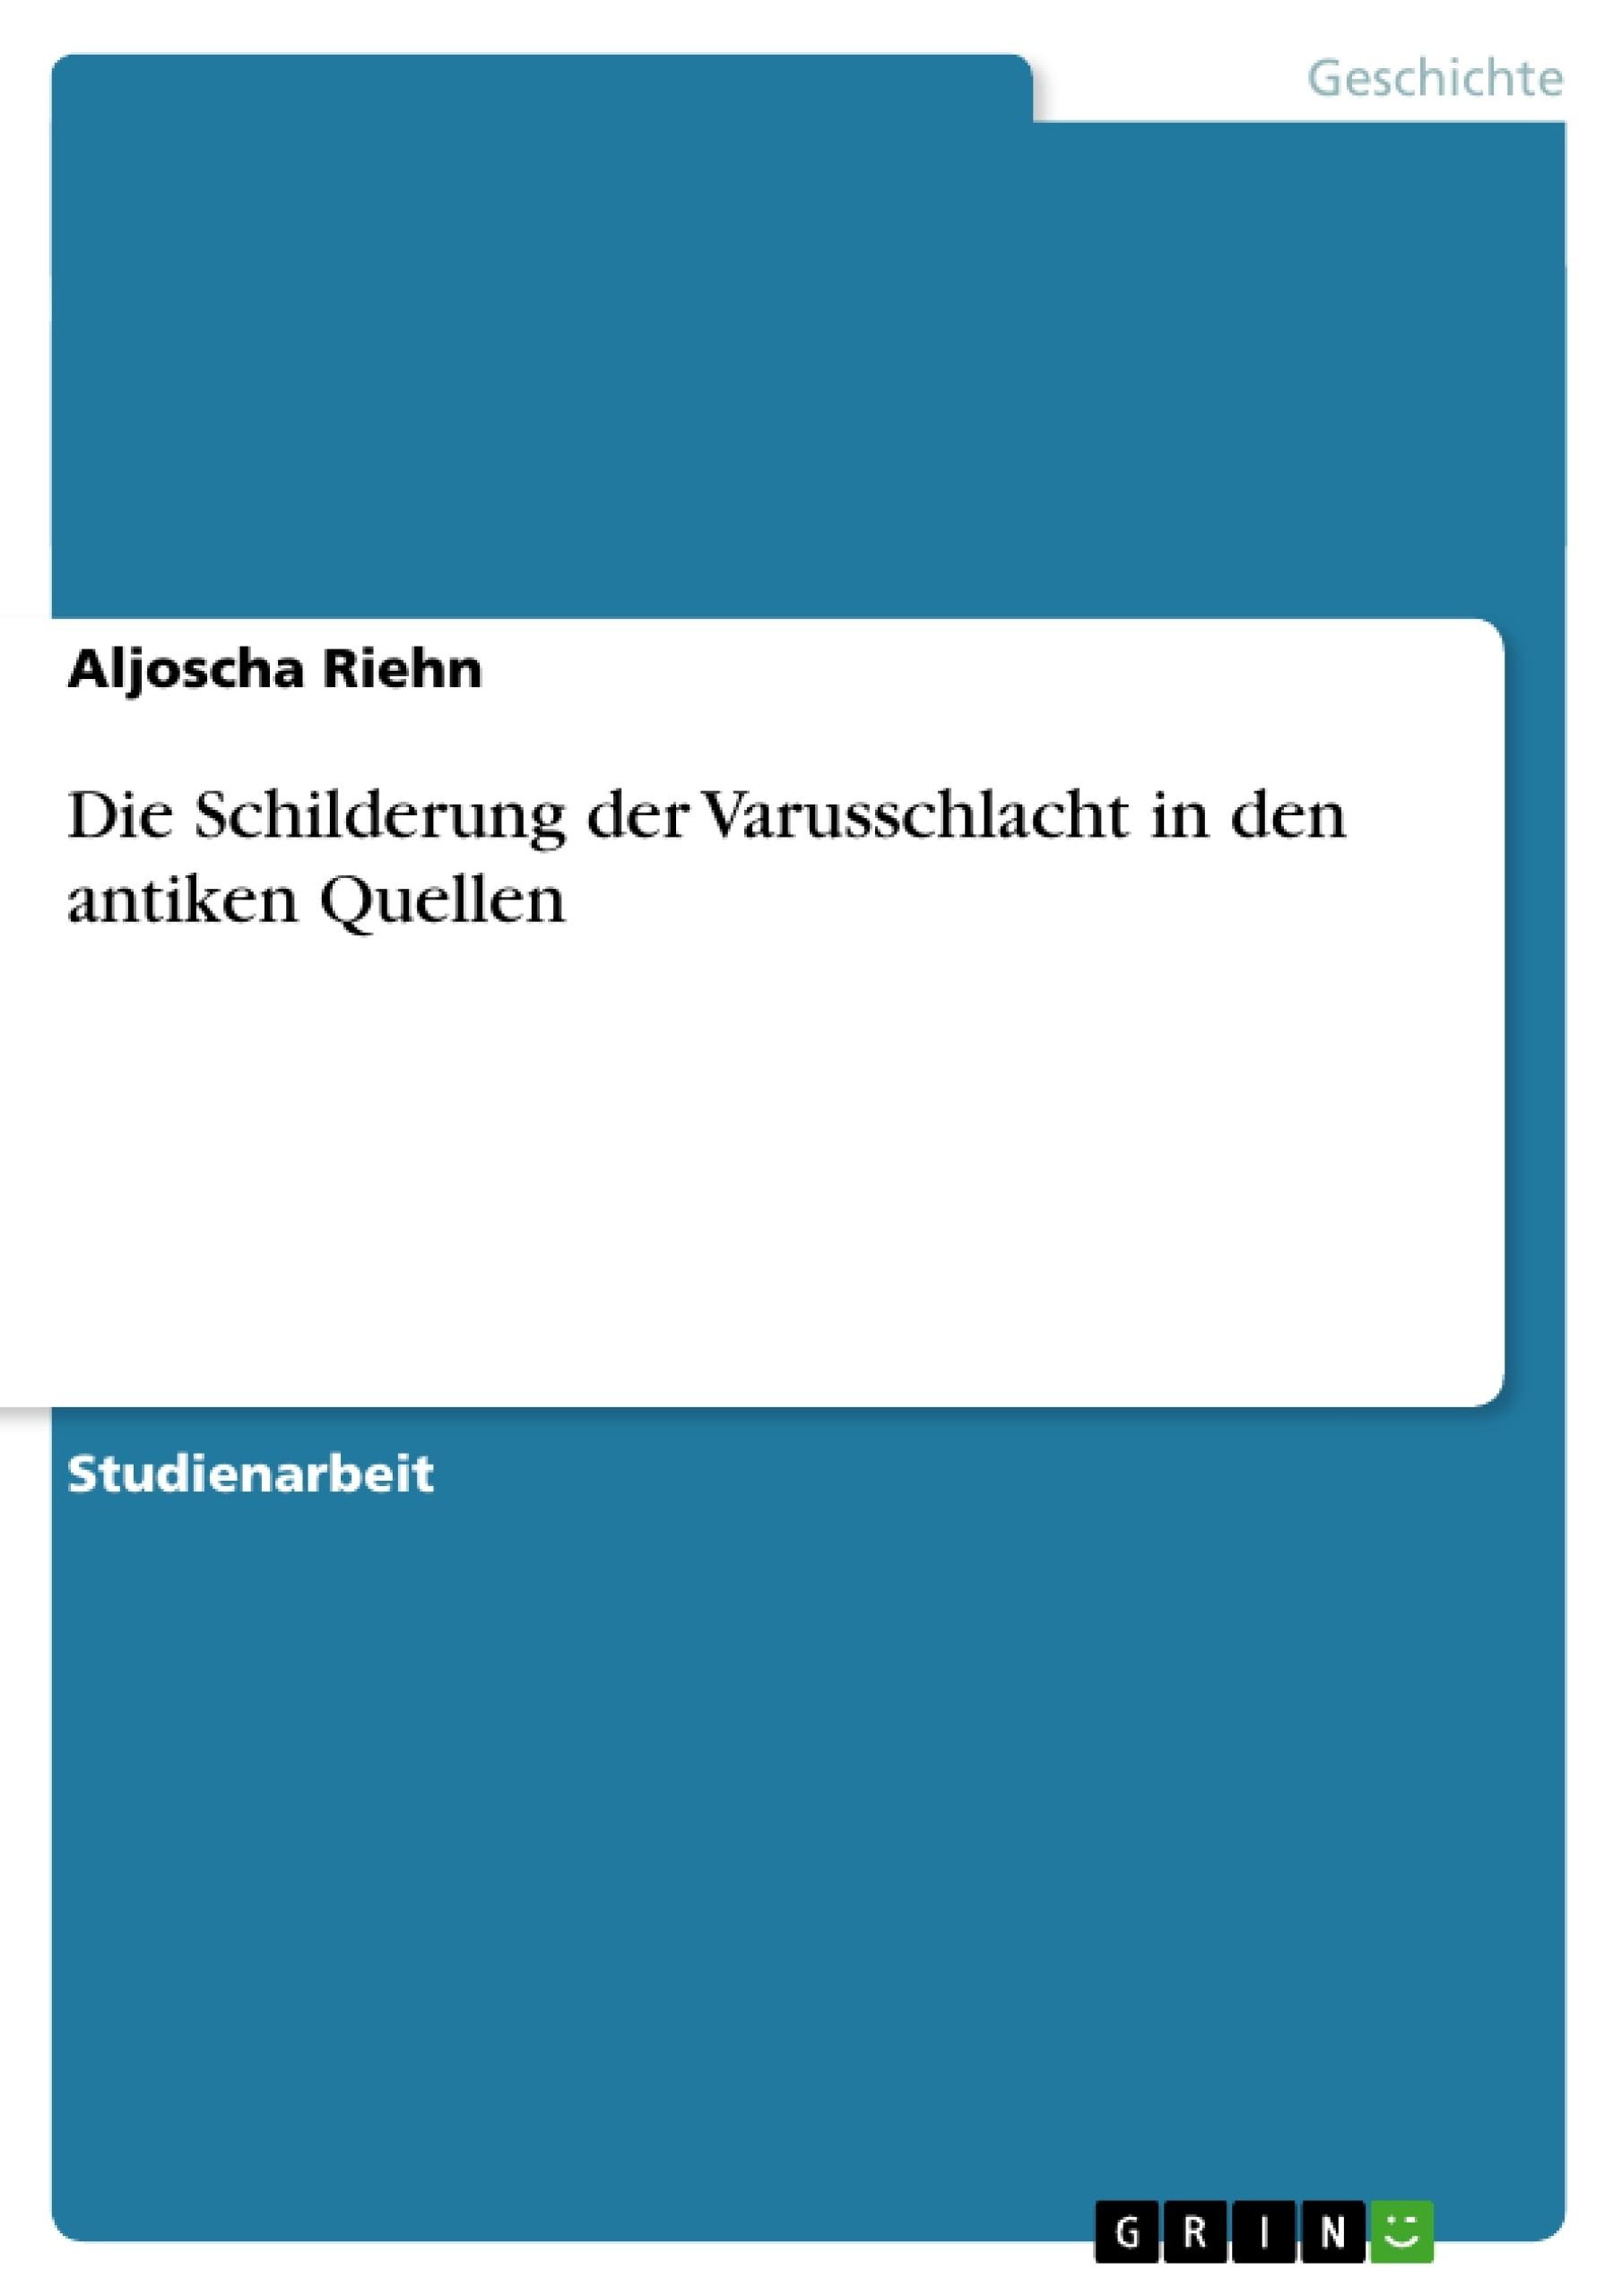 Titel: Die Schilderung der Varusschlacht in den antiken Quellen